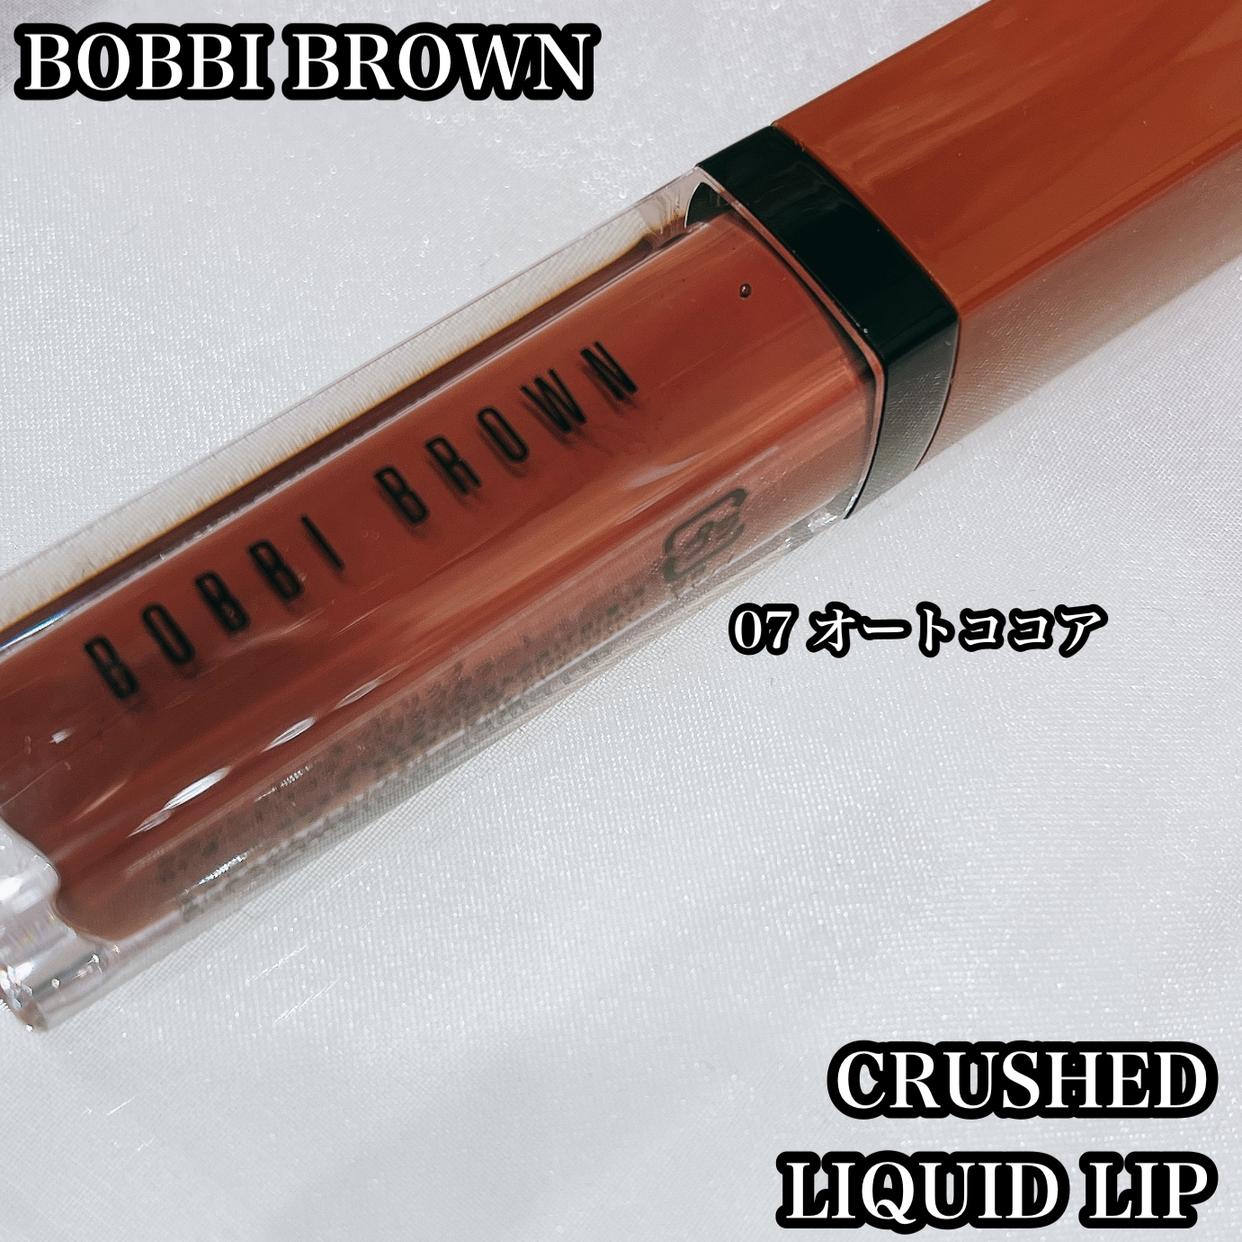 BOBBI BROWN(ボビイブラウン) クラッシュド リキッド リップを使ったchamaru222さんのクチコミ画像